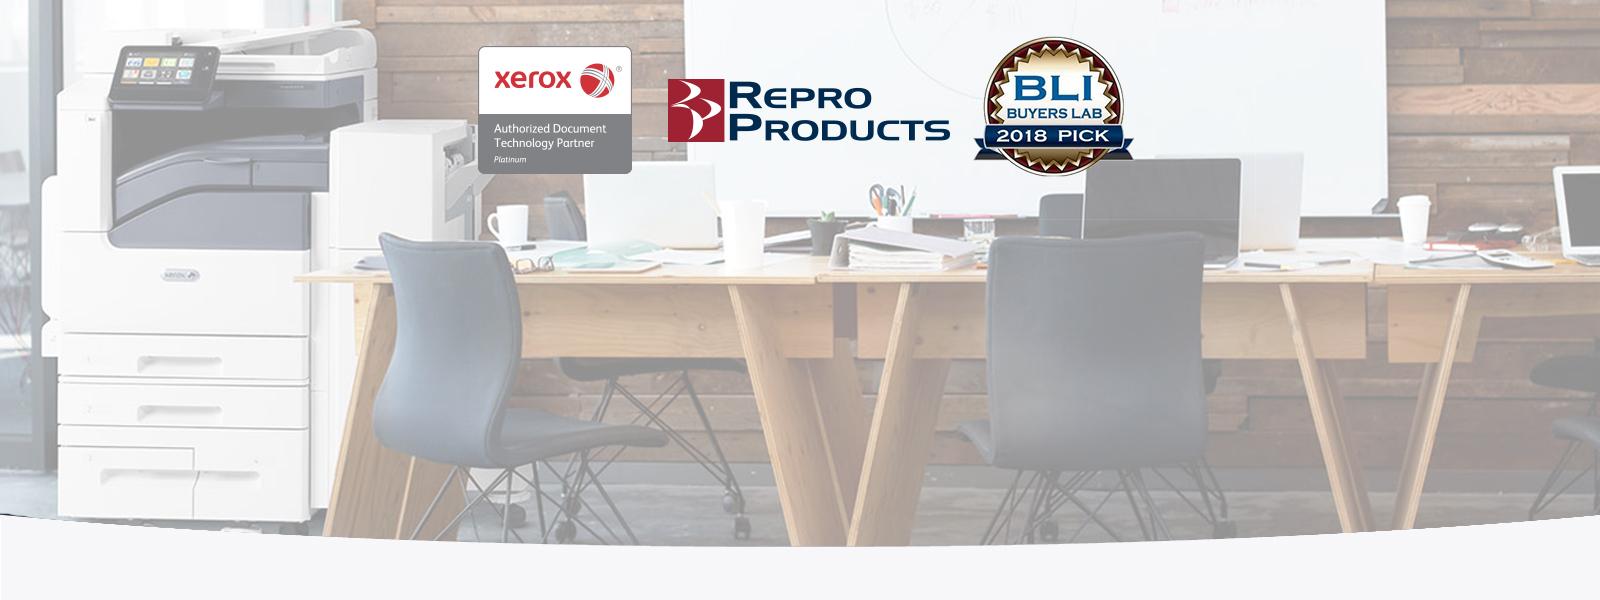 Xerox 2018 Winter Picks